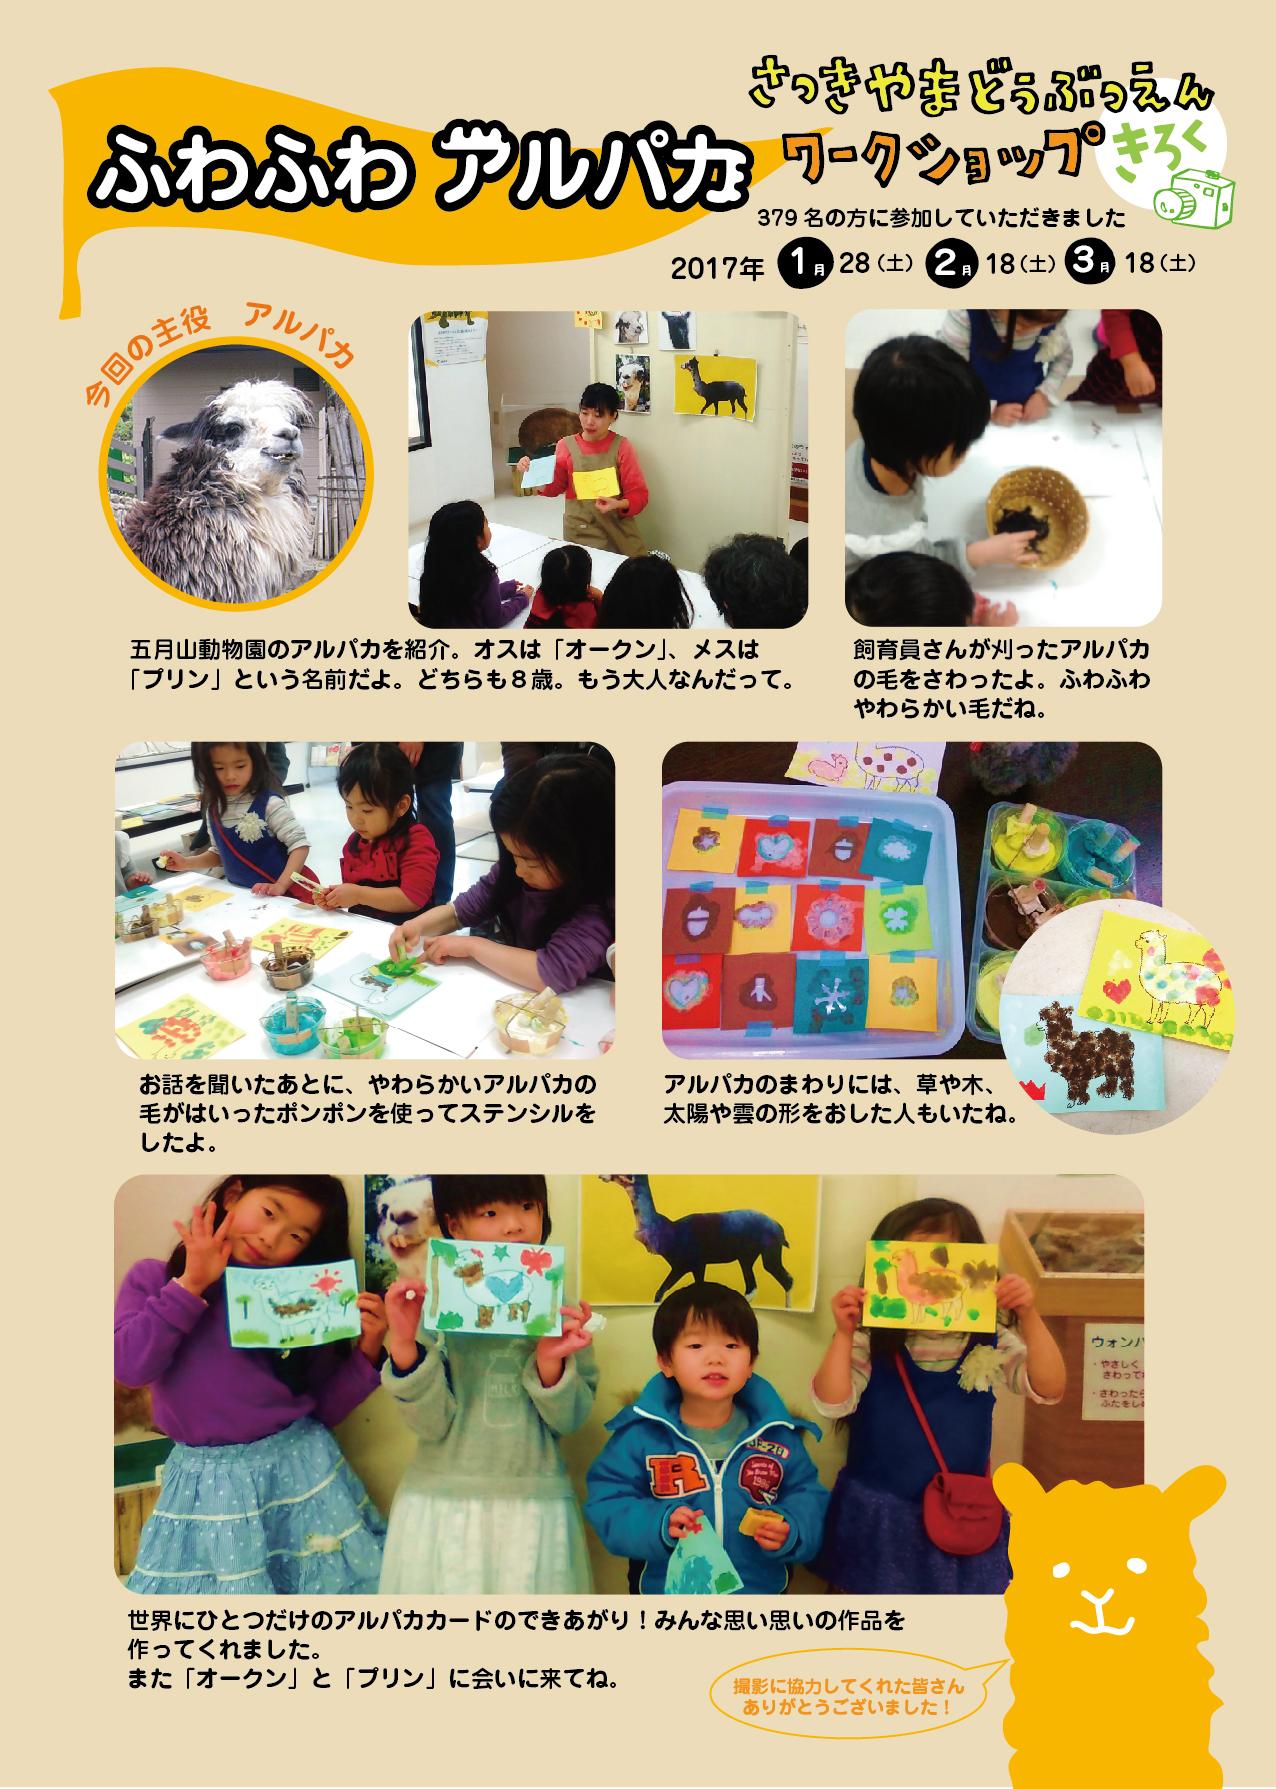 ふわふわアルパカ広報用記録_cs2-01.jpg